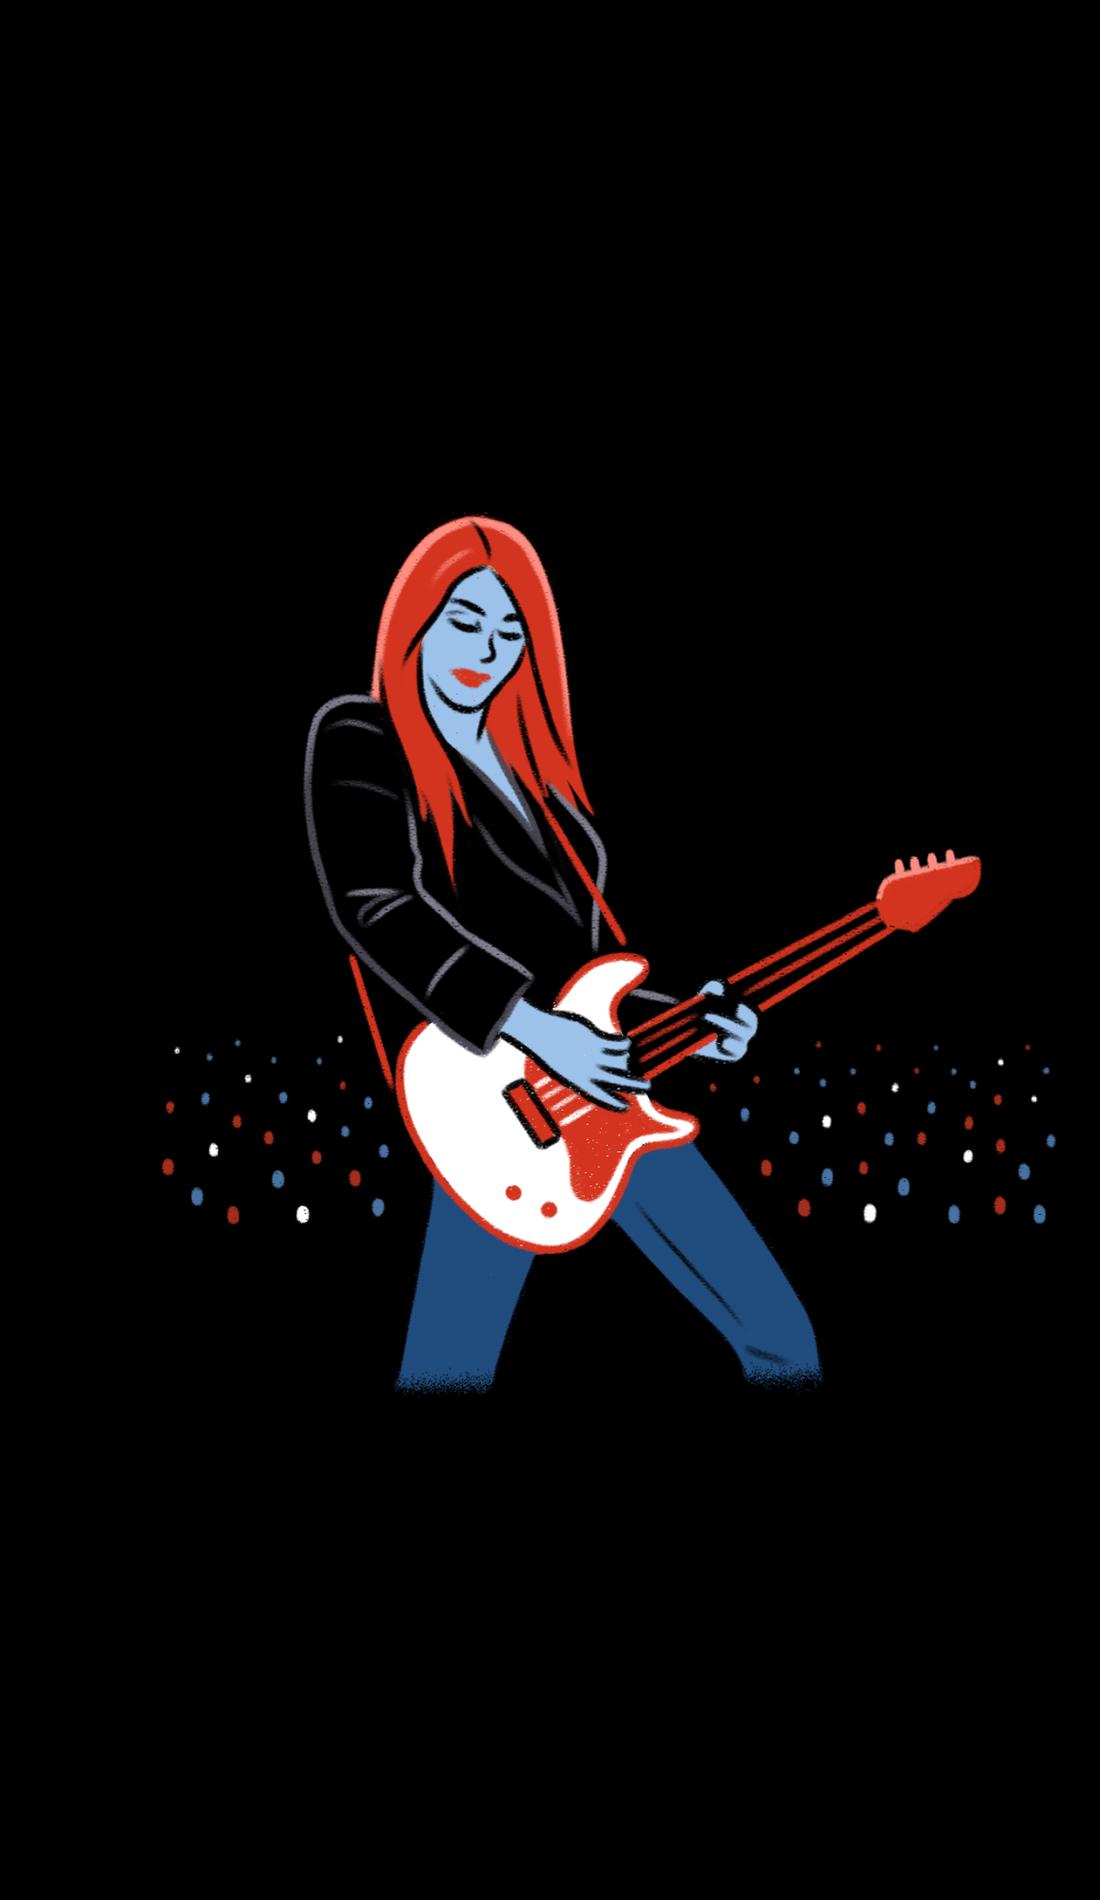 A V.V. Lightbody live event